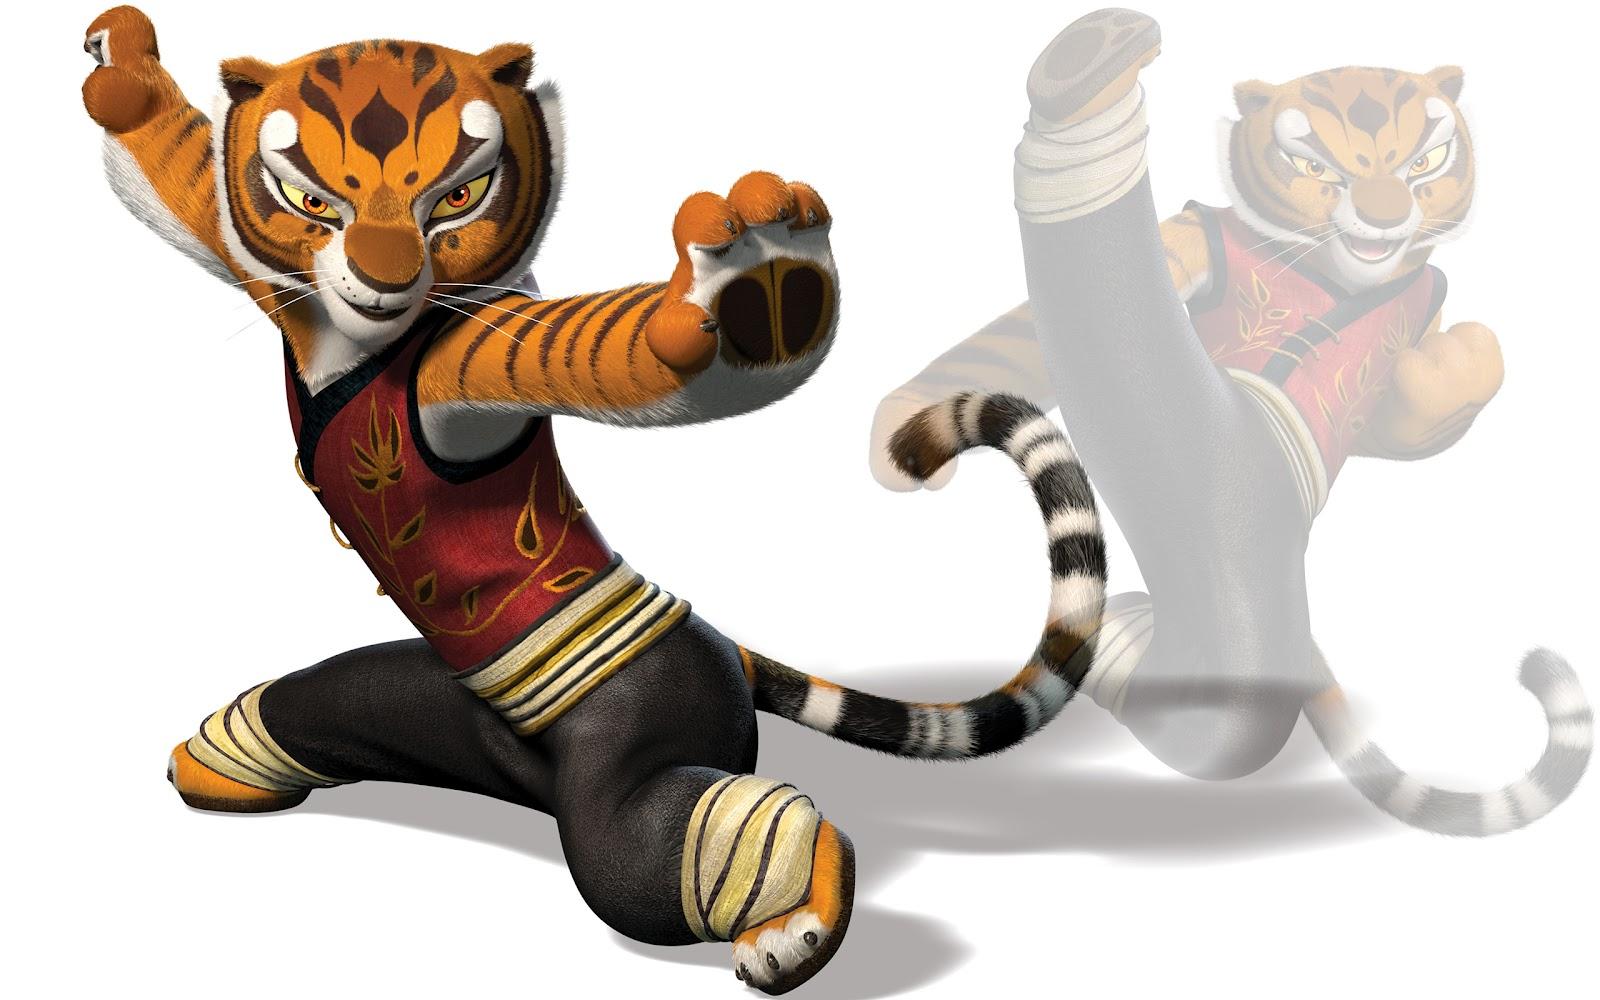 http://1.bp.blogspot.com/-CJkJIaMcA2Q/UA676b9J3vI/AAAAAAAAAIo/8_Q1-QwvGuM/s1600/kung_fu_panda_tigress-wide.jpg